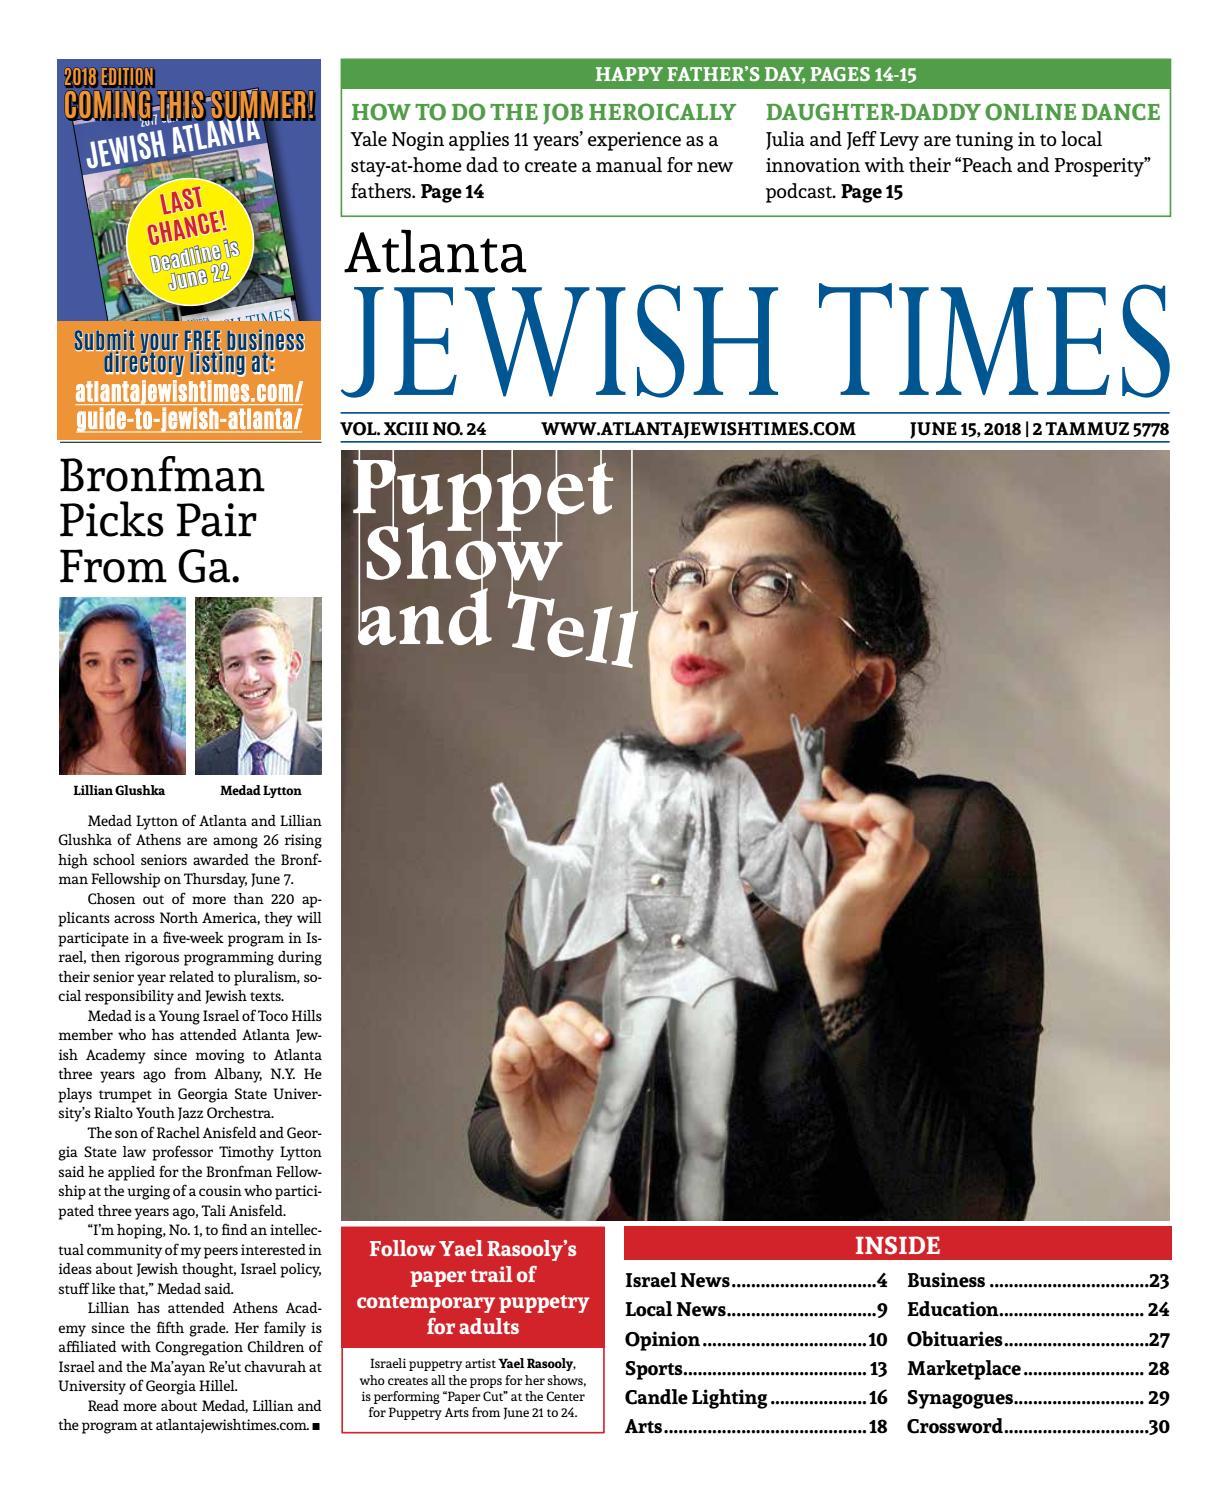 Atlanta Jewish Times, Vol. XCIII No. 24, June 15, 2018 by Atlanta Jewish  Times - issuu